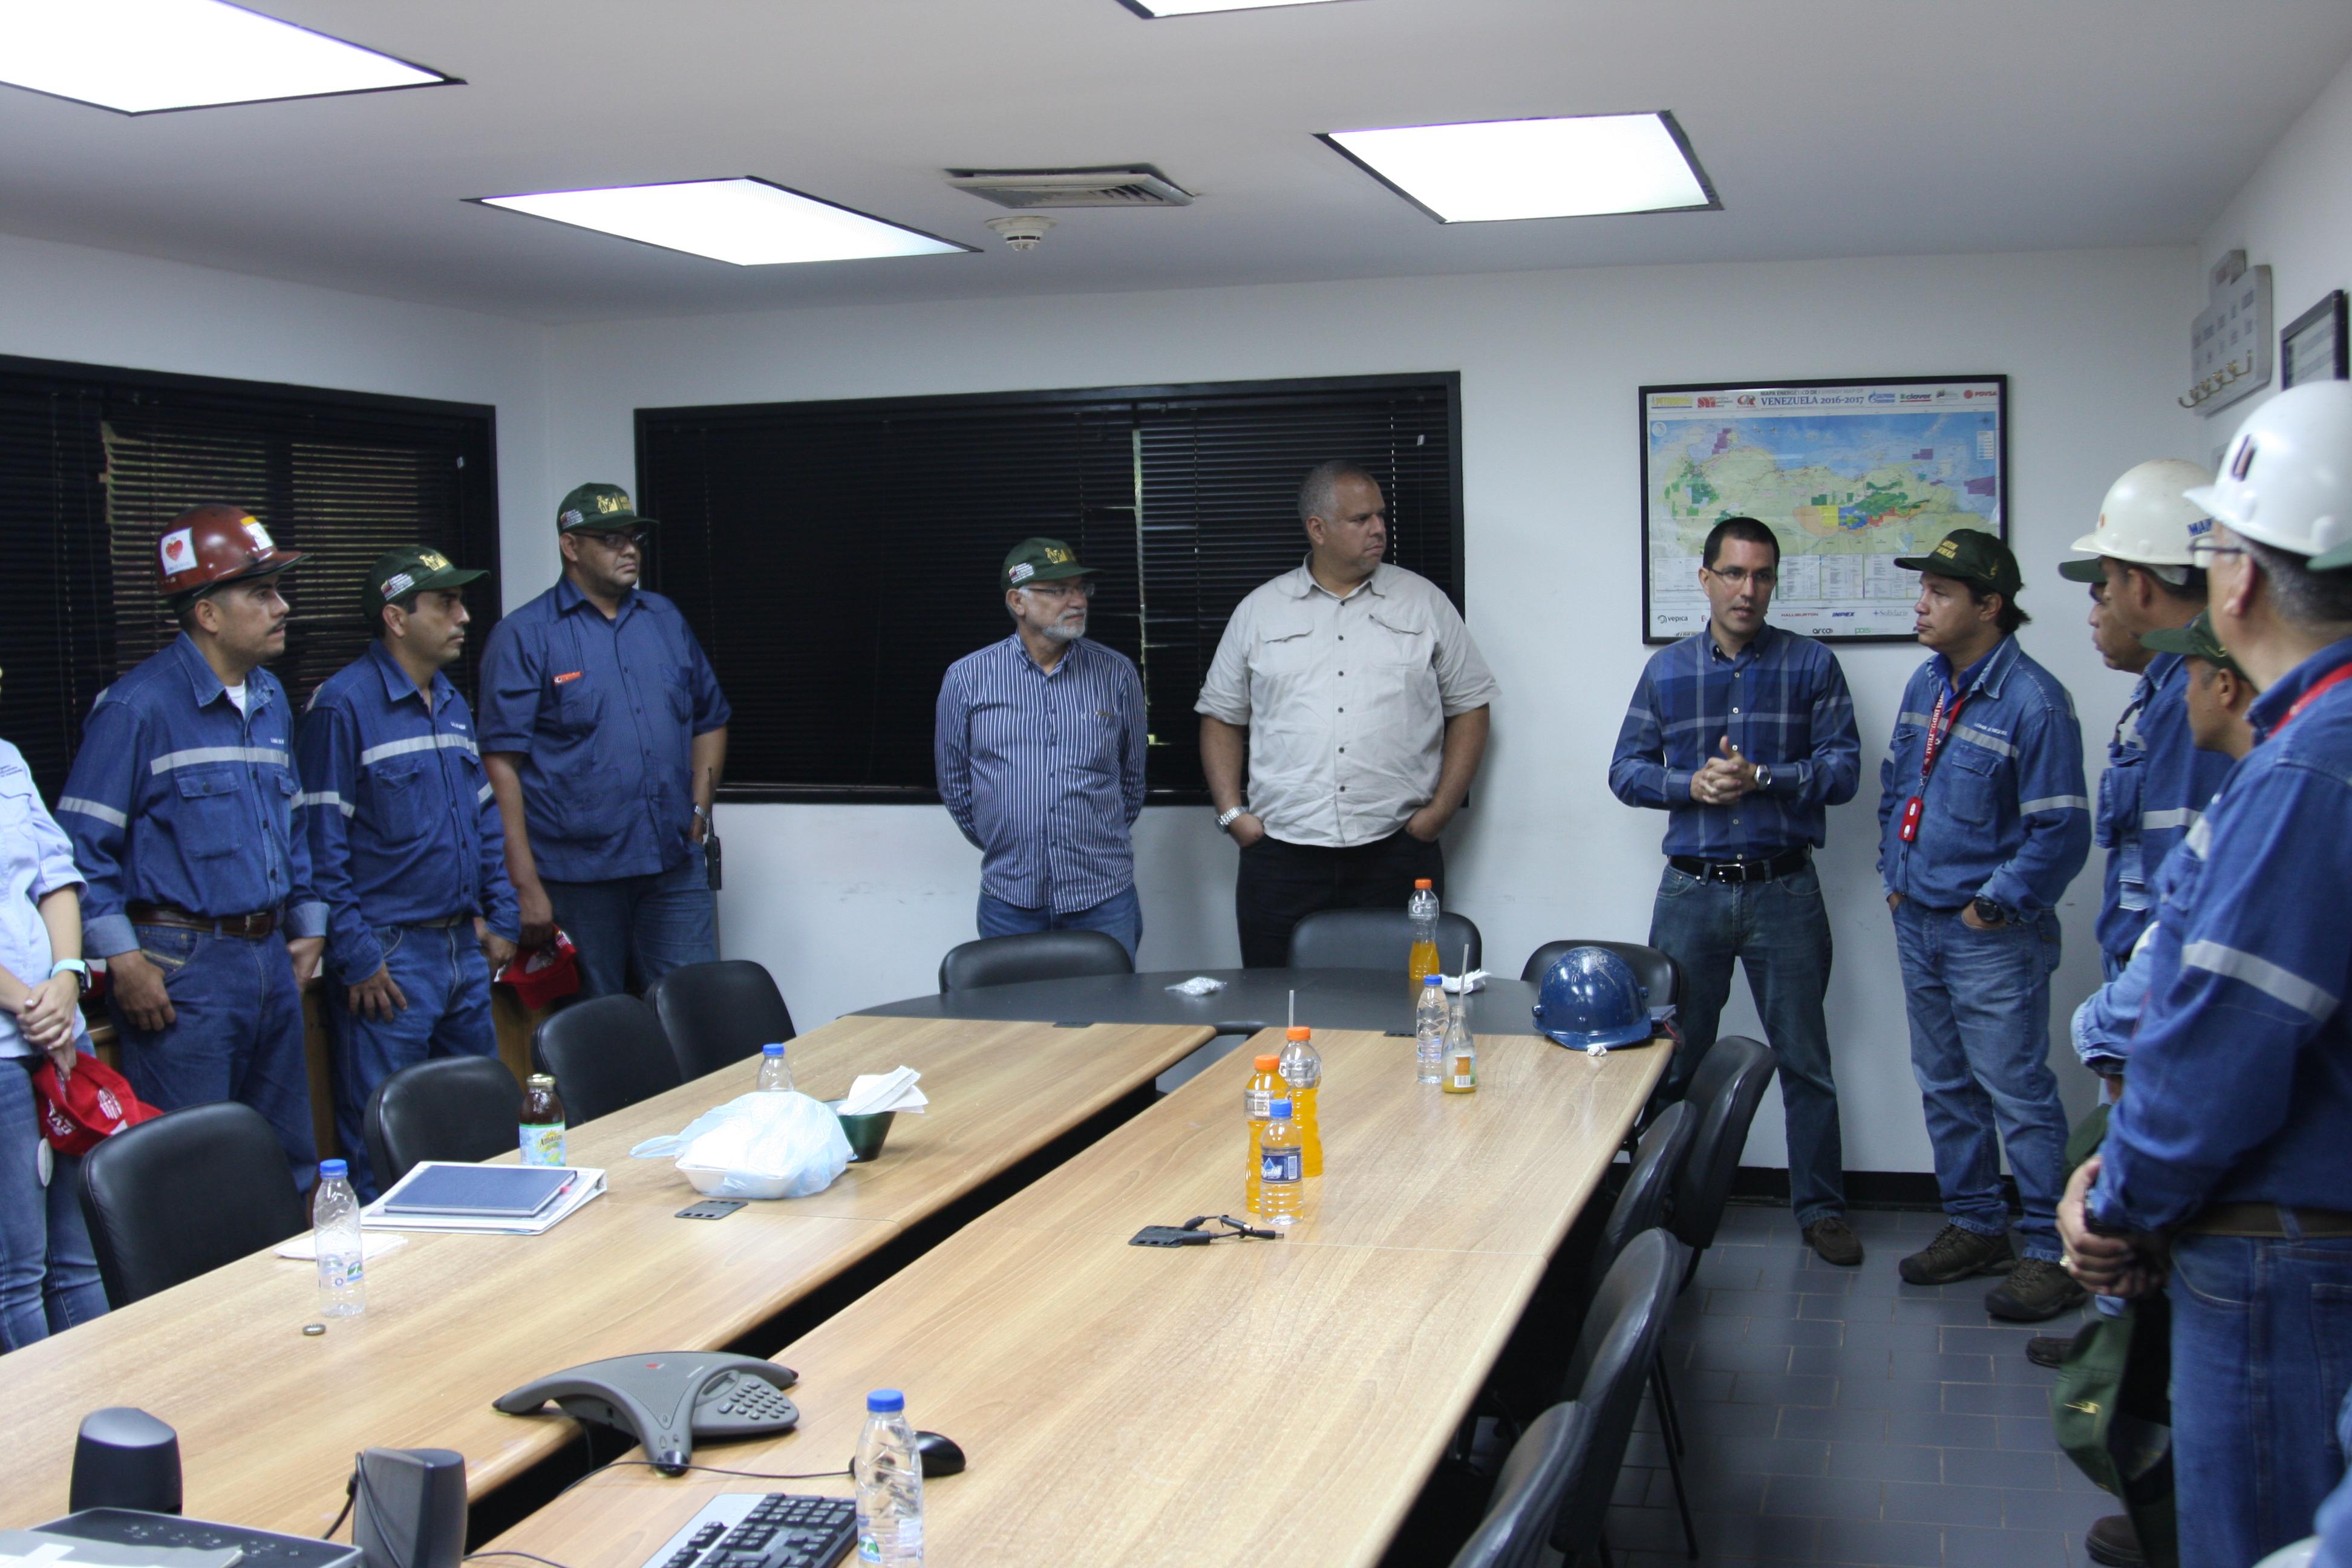 El equipo directivo prepara las próximas etapas de reimpulso